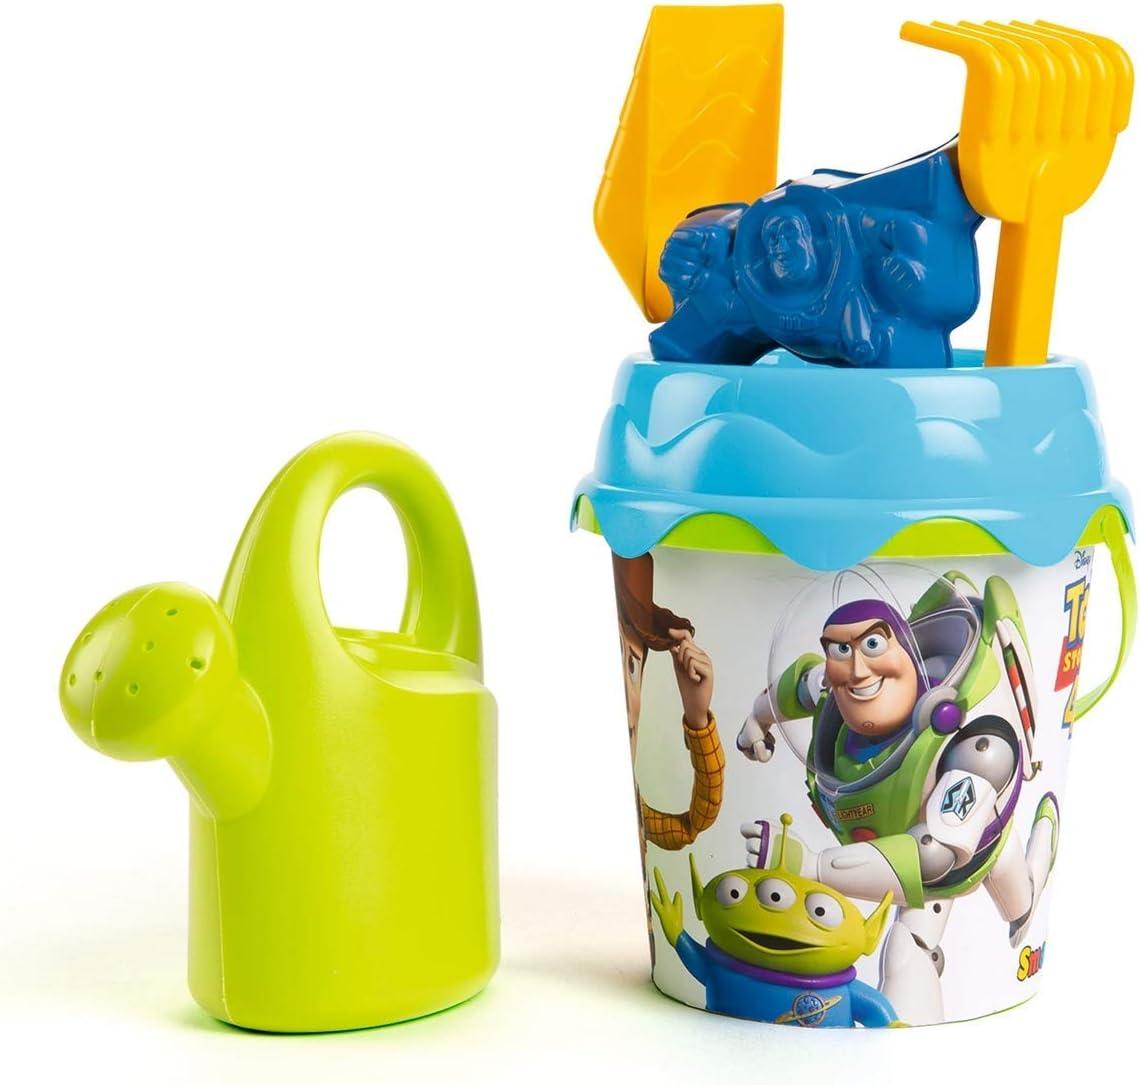 Smoby Toy Story 4 Cubo de Playa con Accesorios, Multicolor (862096)